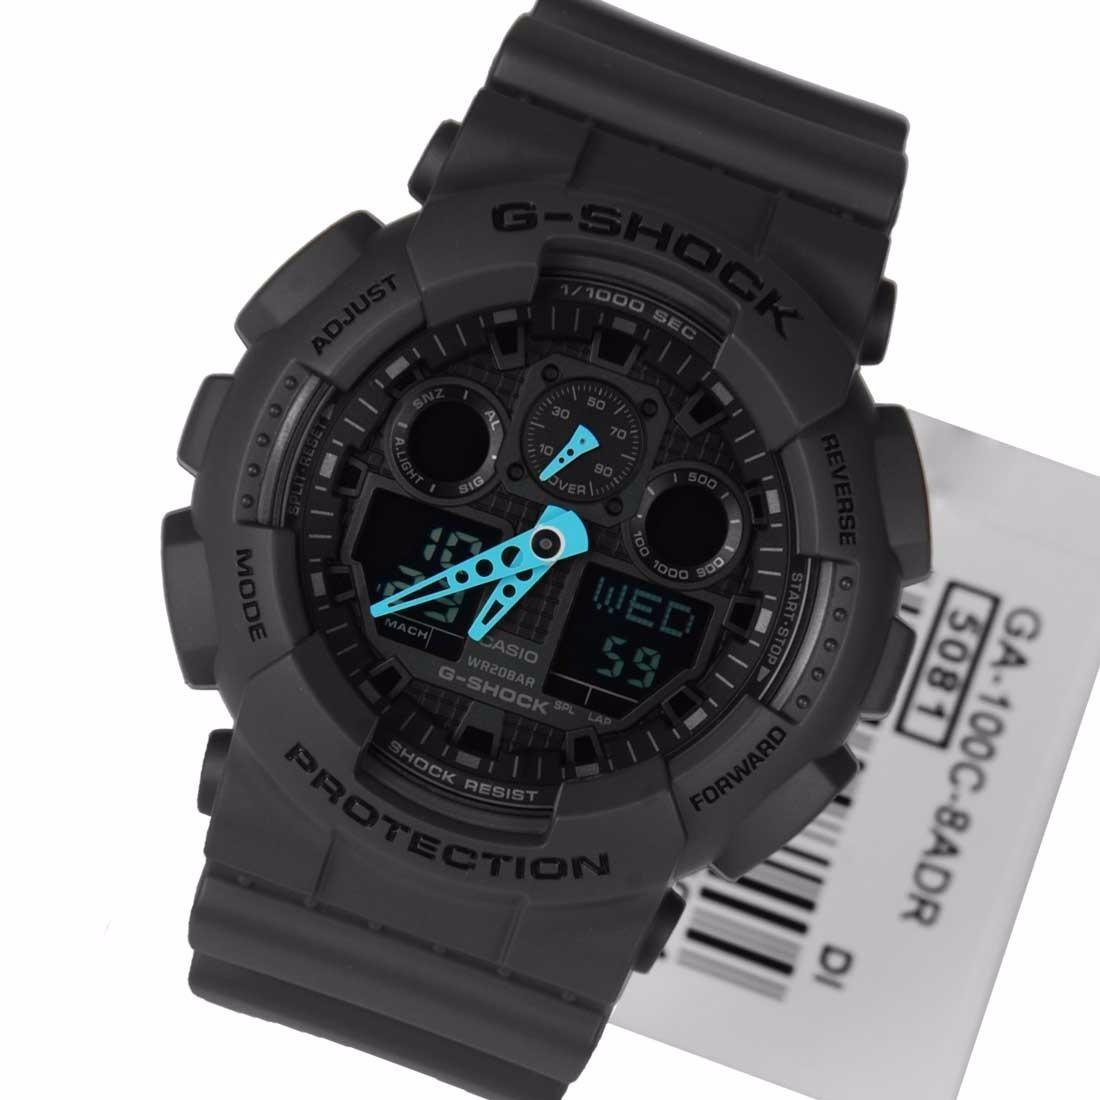 5da7c359ae6 relógio esportivo casio g-shock ga-100c8a preto detalhe azul. Carregando  zoom.